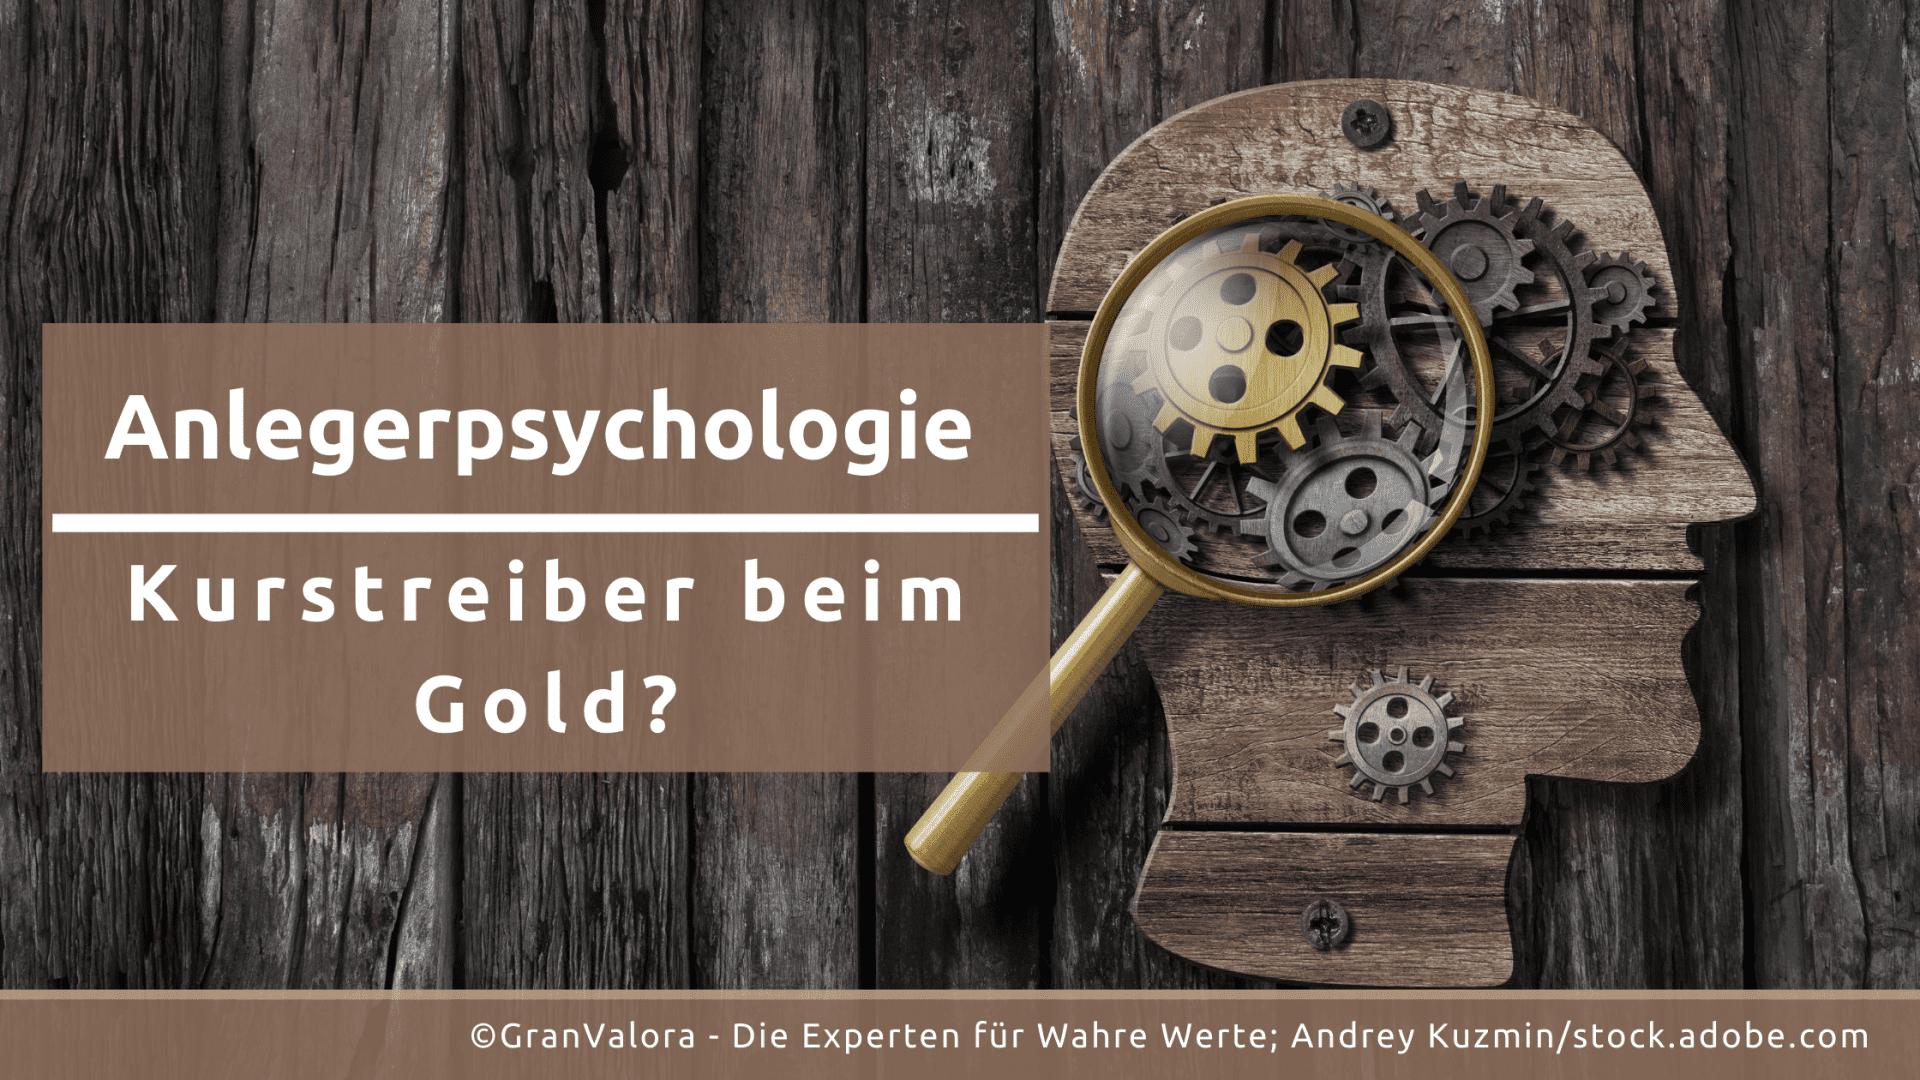 Anlegerpsychologie und Gold: Die sich selbst nährende Hausse?